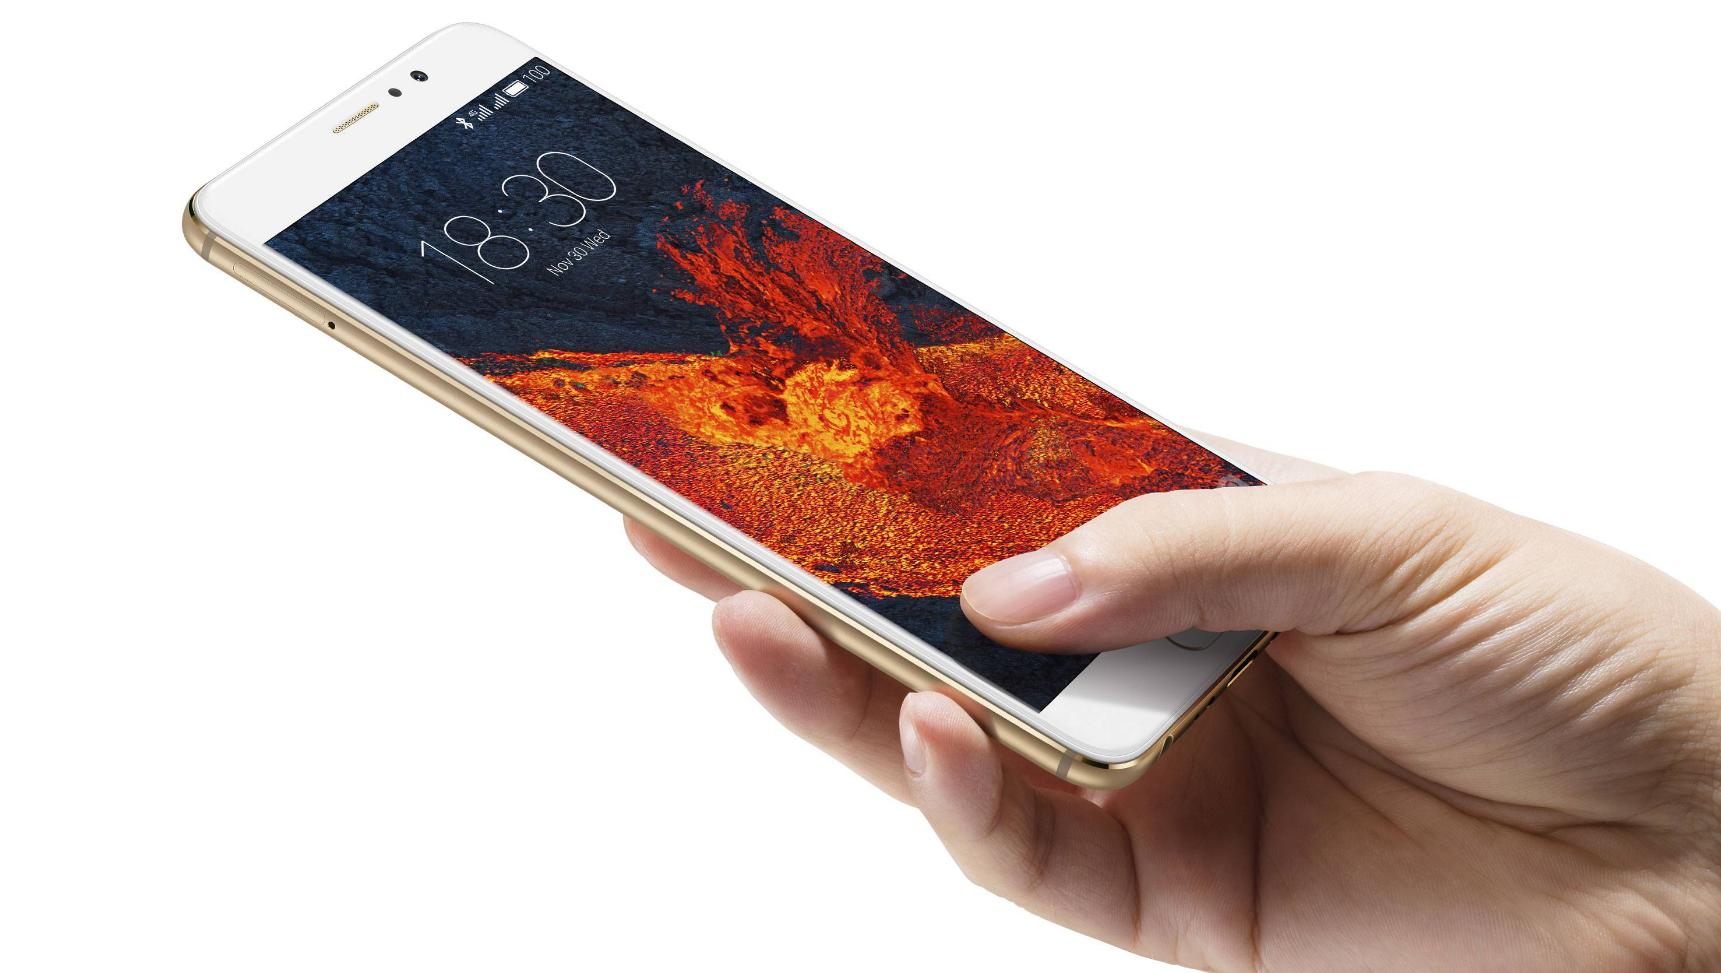 Обзор Meizu Pro 6 Plus - музыкальный флагман во всей красе